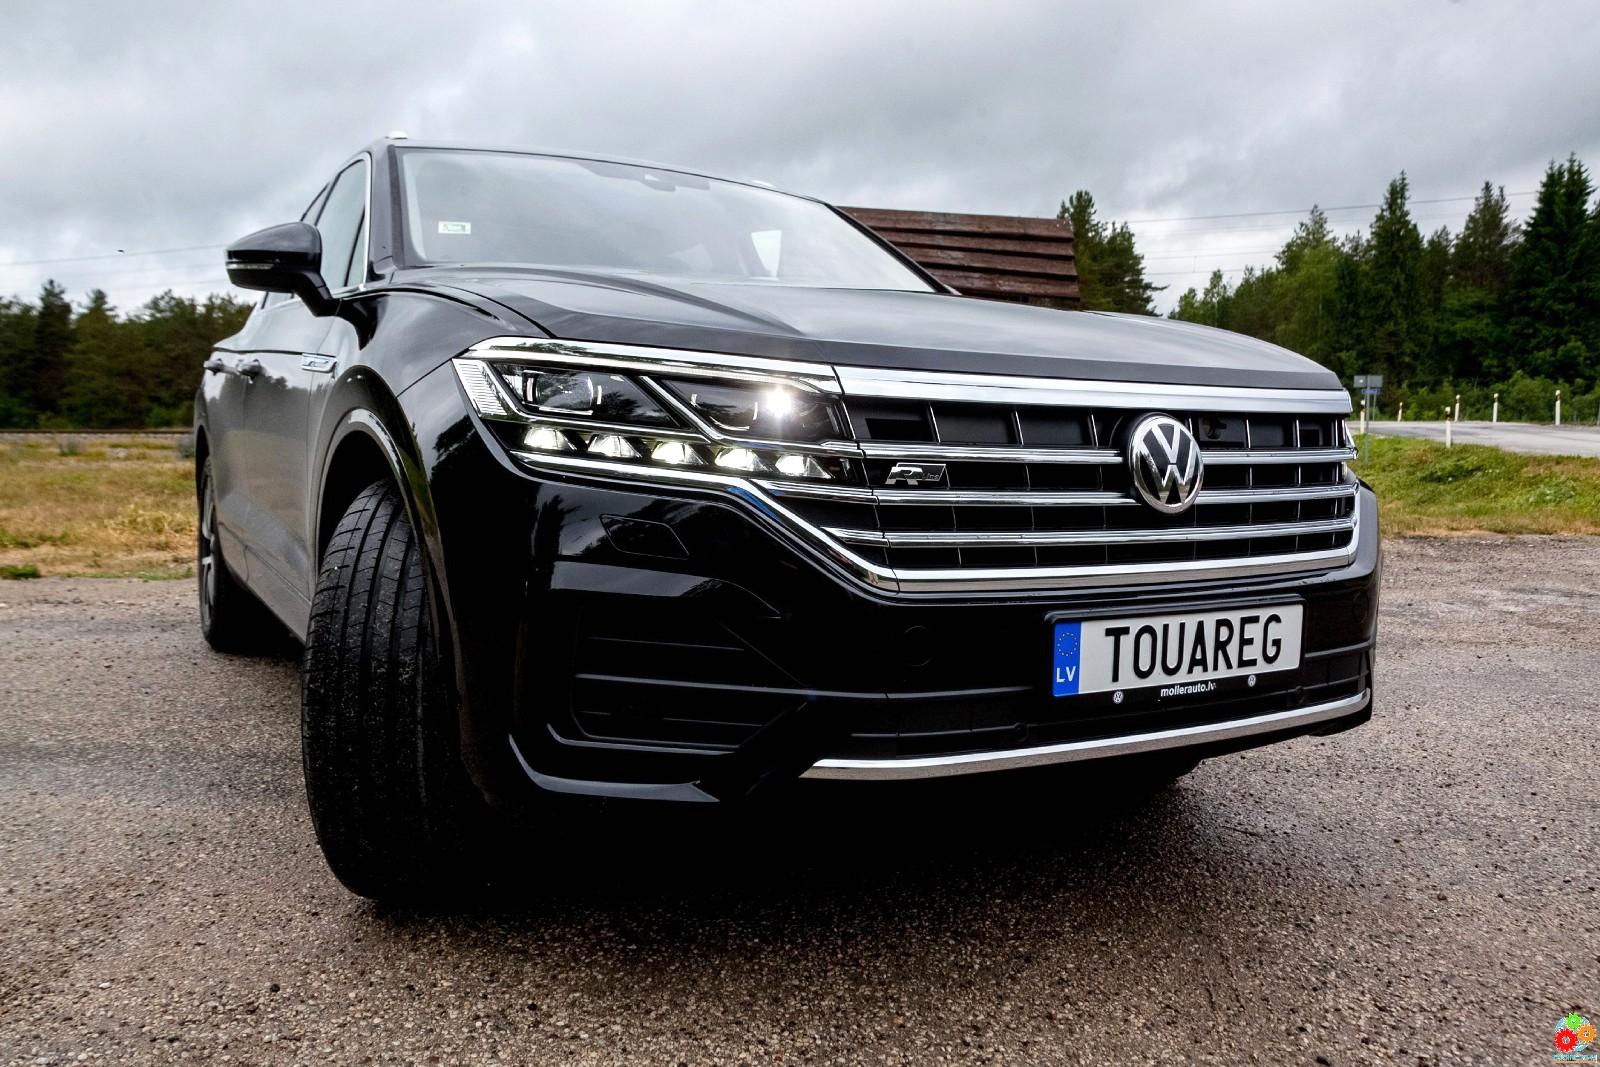 Volkswagen Touareg: встречайте новое поколение легендарного внедорожника